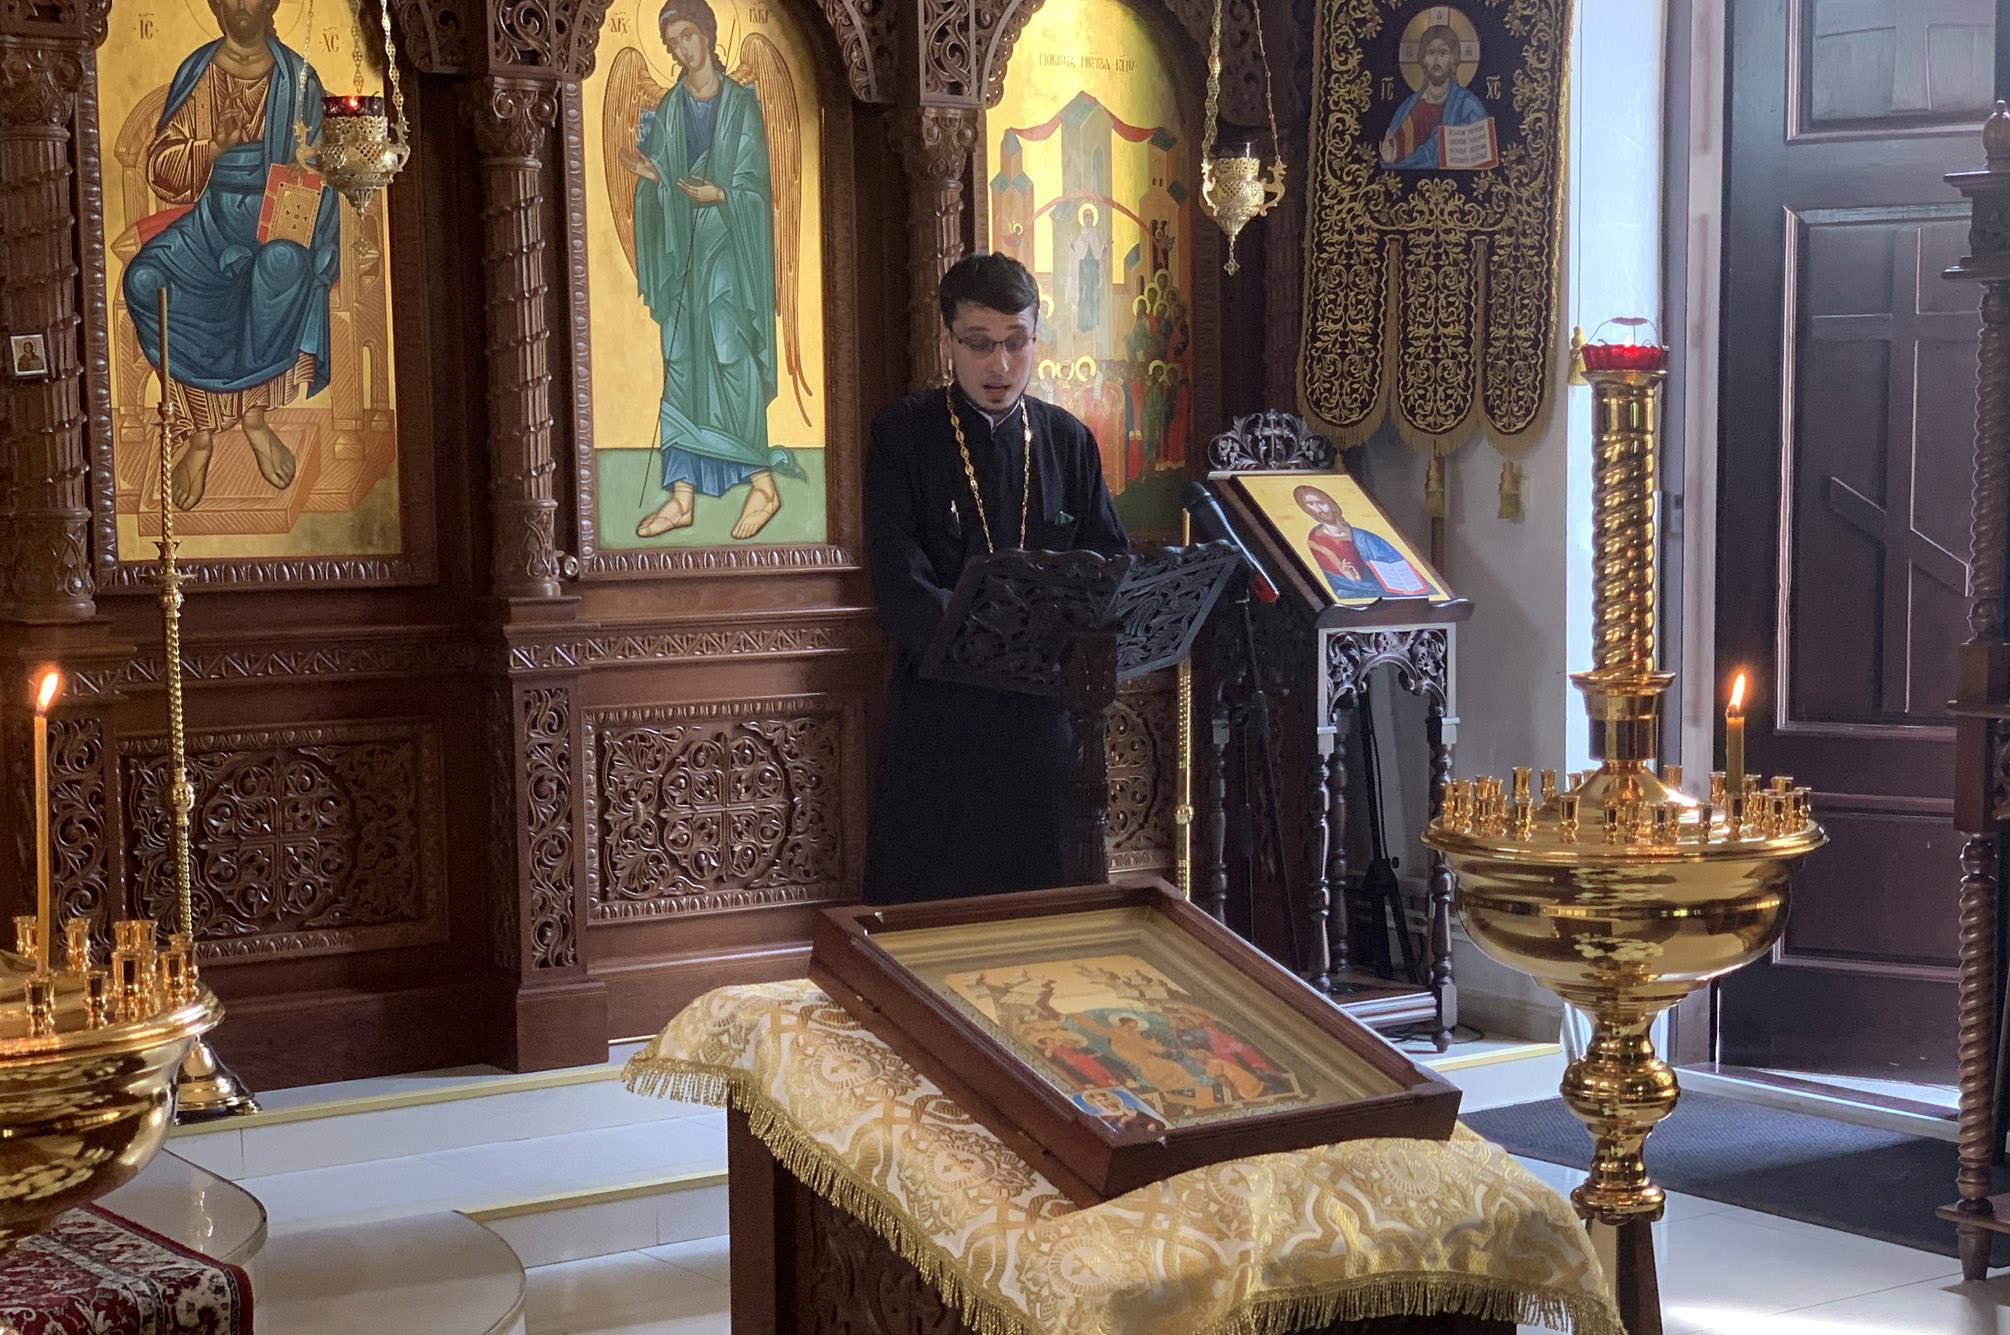 Wykład w turkowickim monasterze głosi ks. Korneliusz Wilkiel